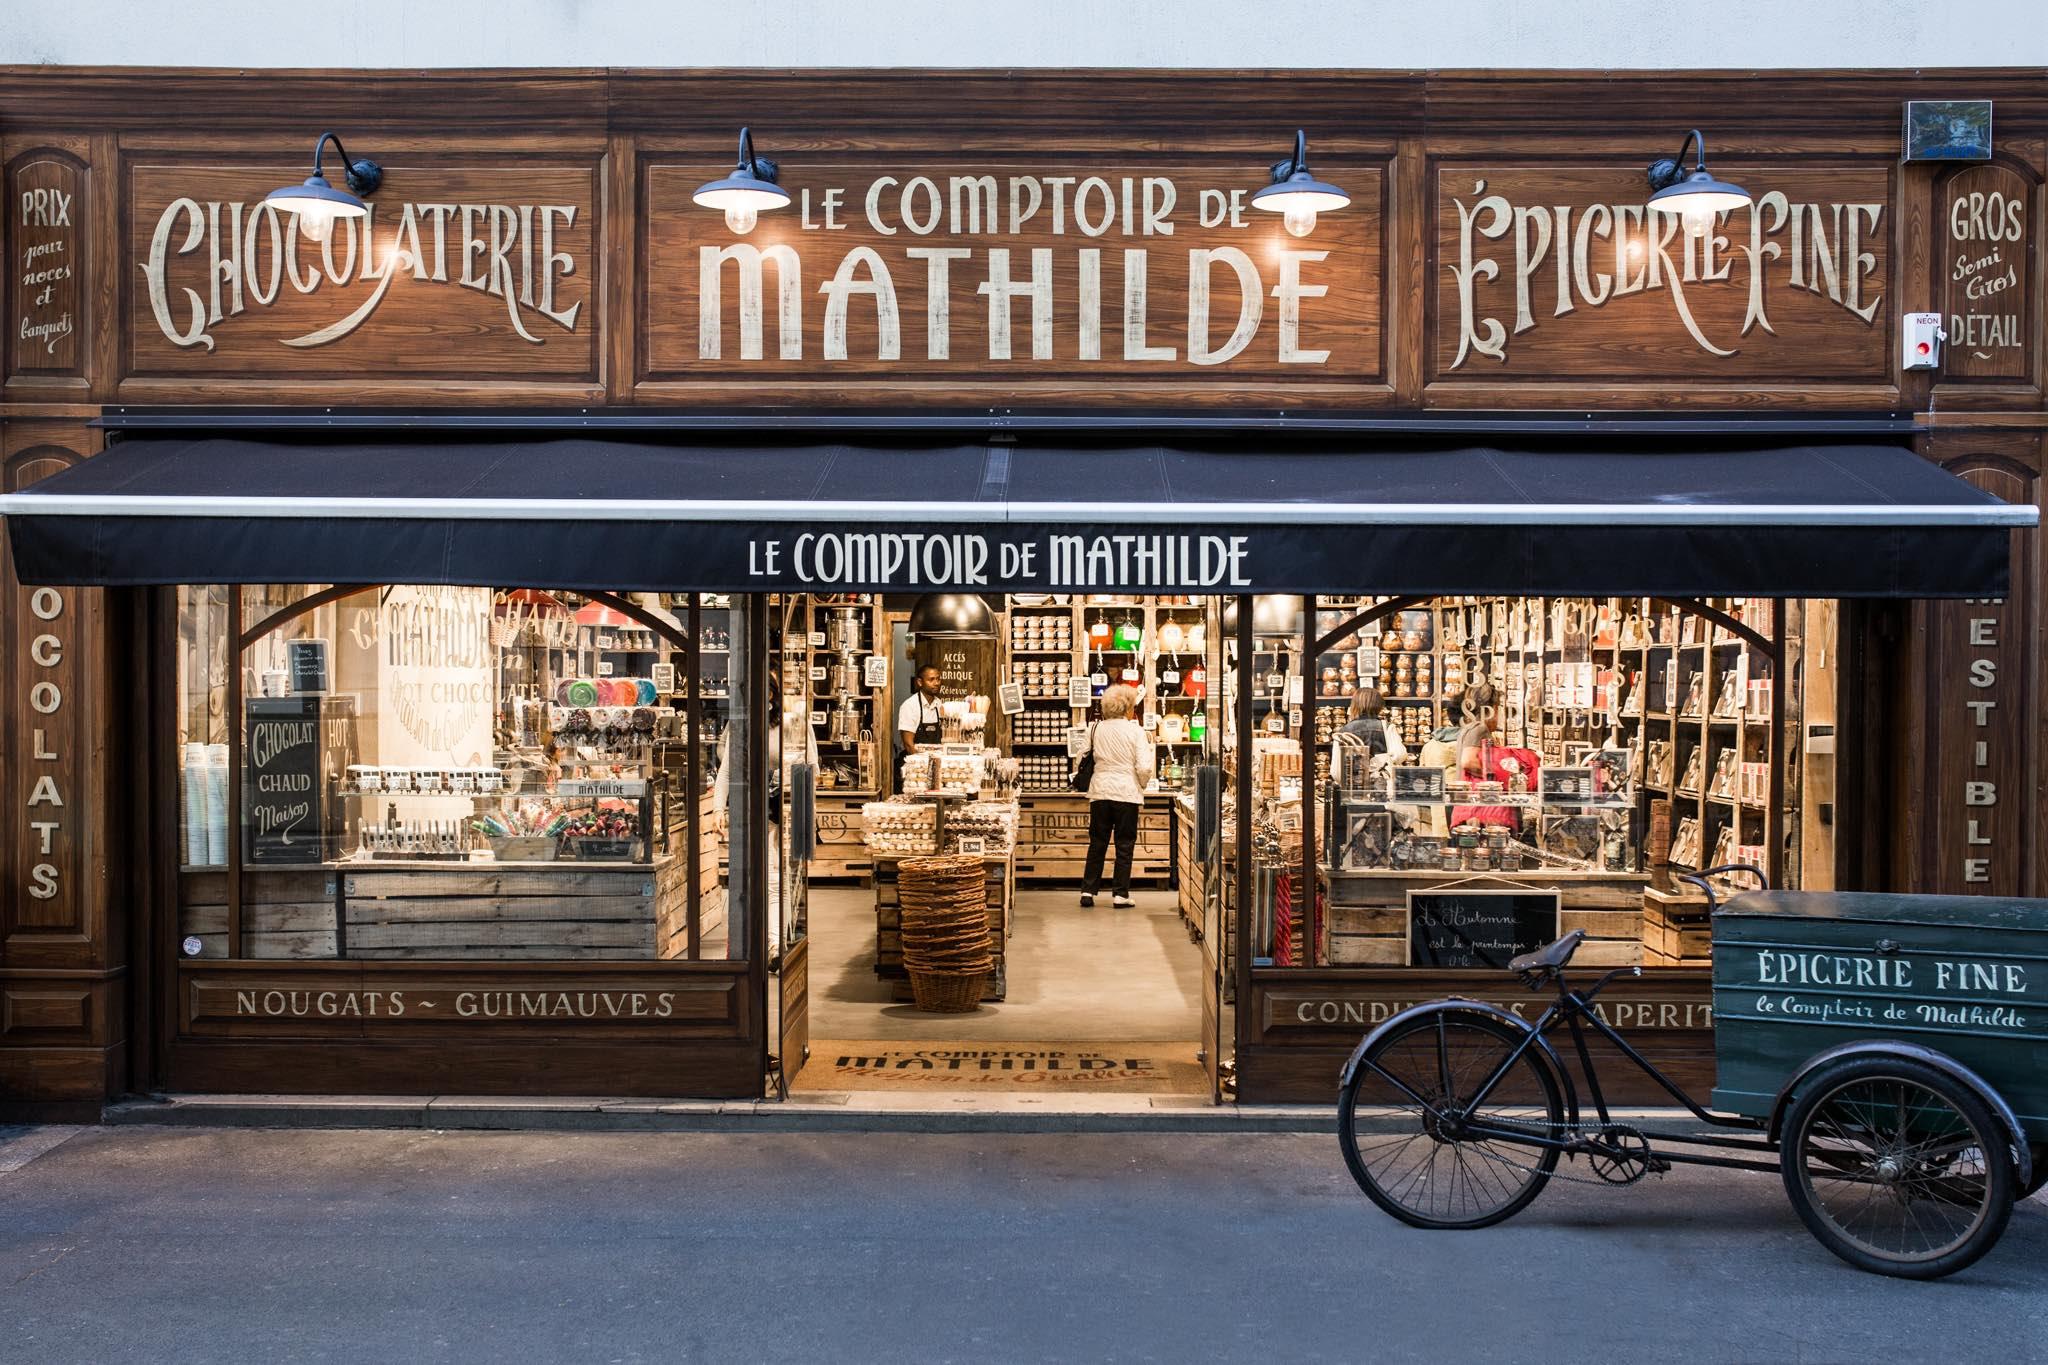 Luc moulin le comptoir de mathilde notre d fi - Le comptoir de mathilde lyon ...